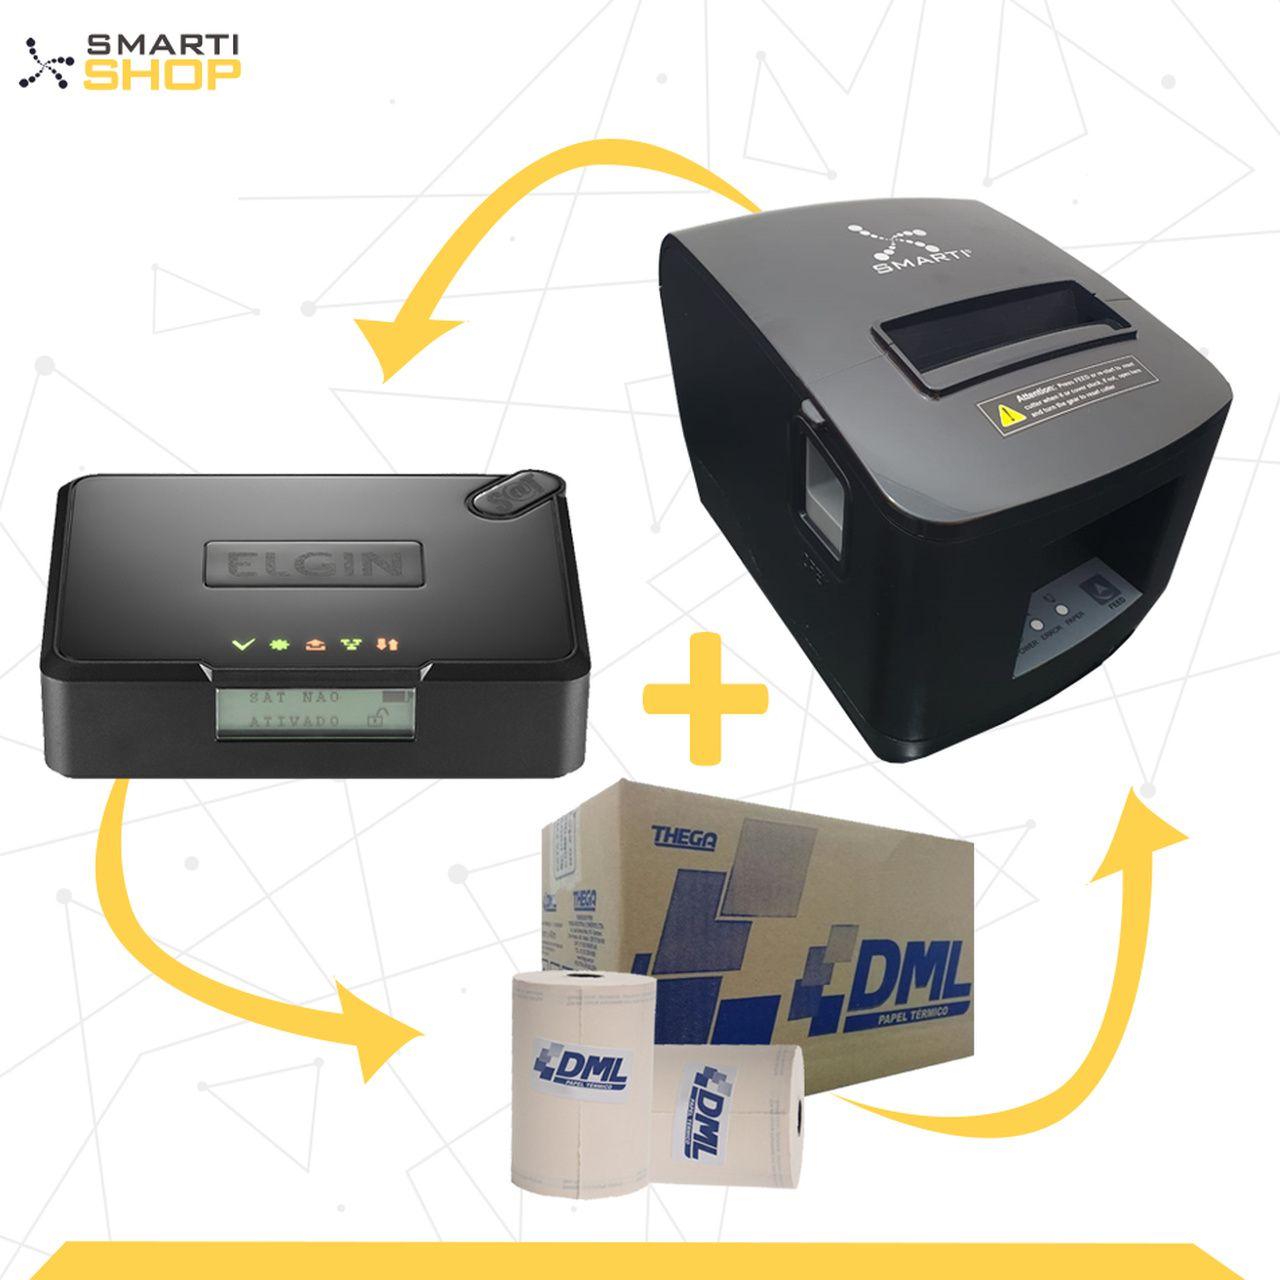 Combo Impressora Térmica XP SMARTI + SAT Elgin Smart  + 1 caixa de bobinas DML 30 unidades